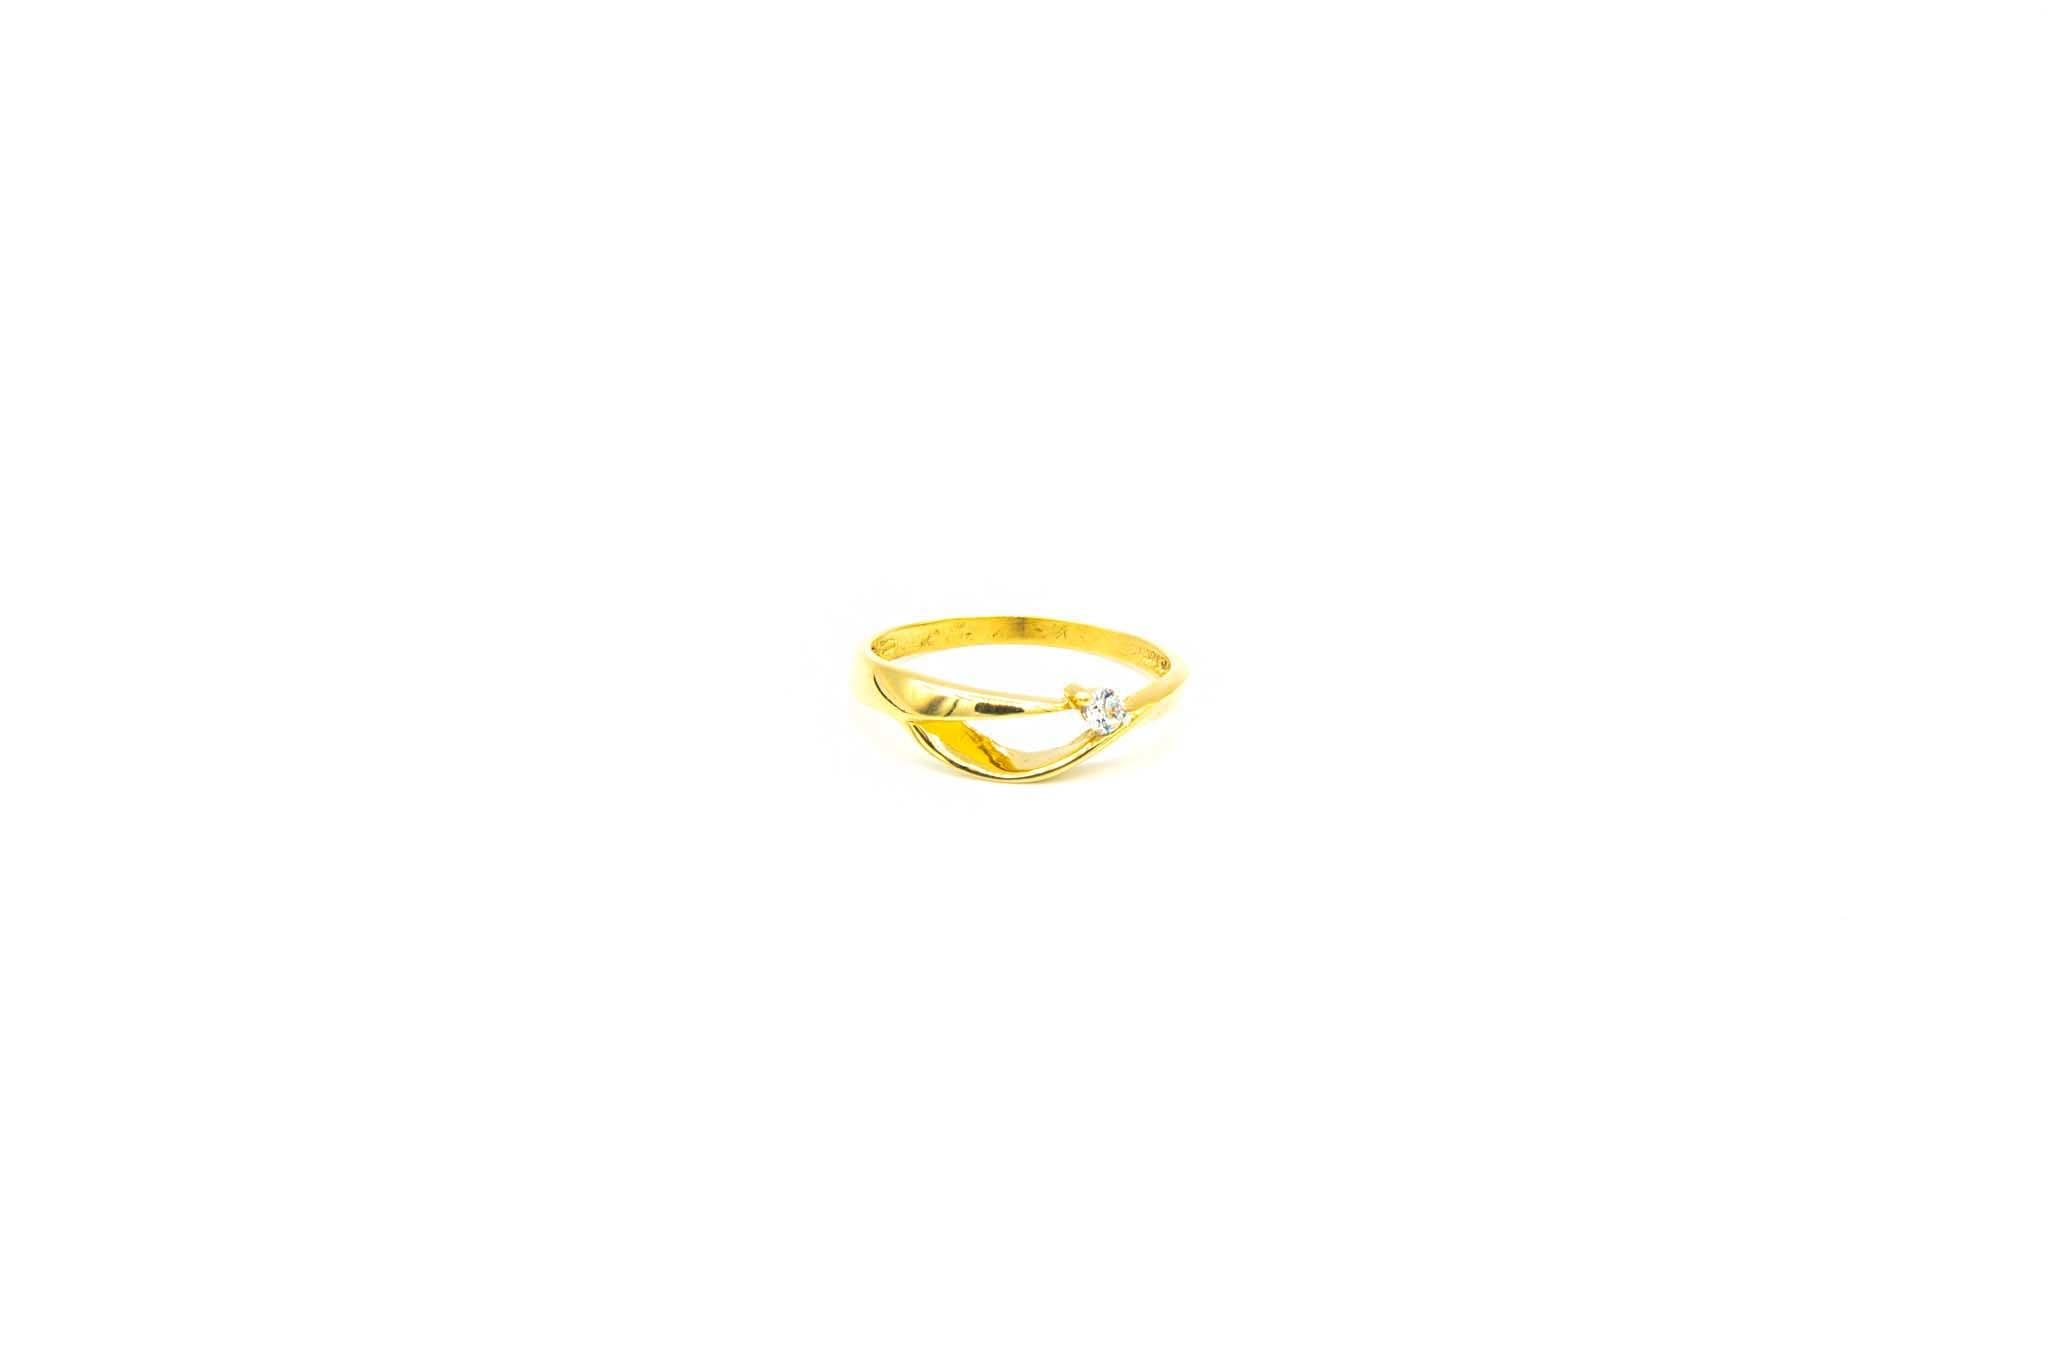 Ring fantasie opengewerkte band met zirkonia-3